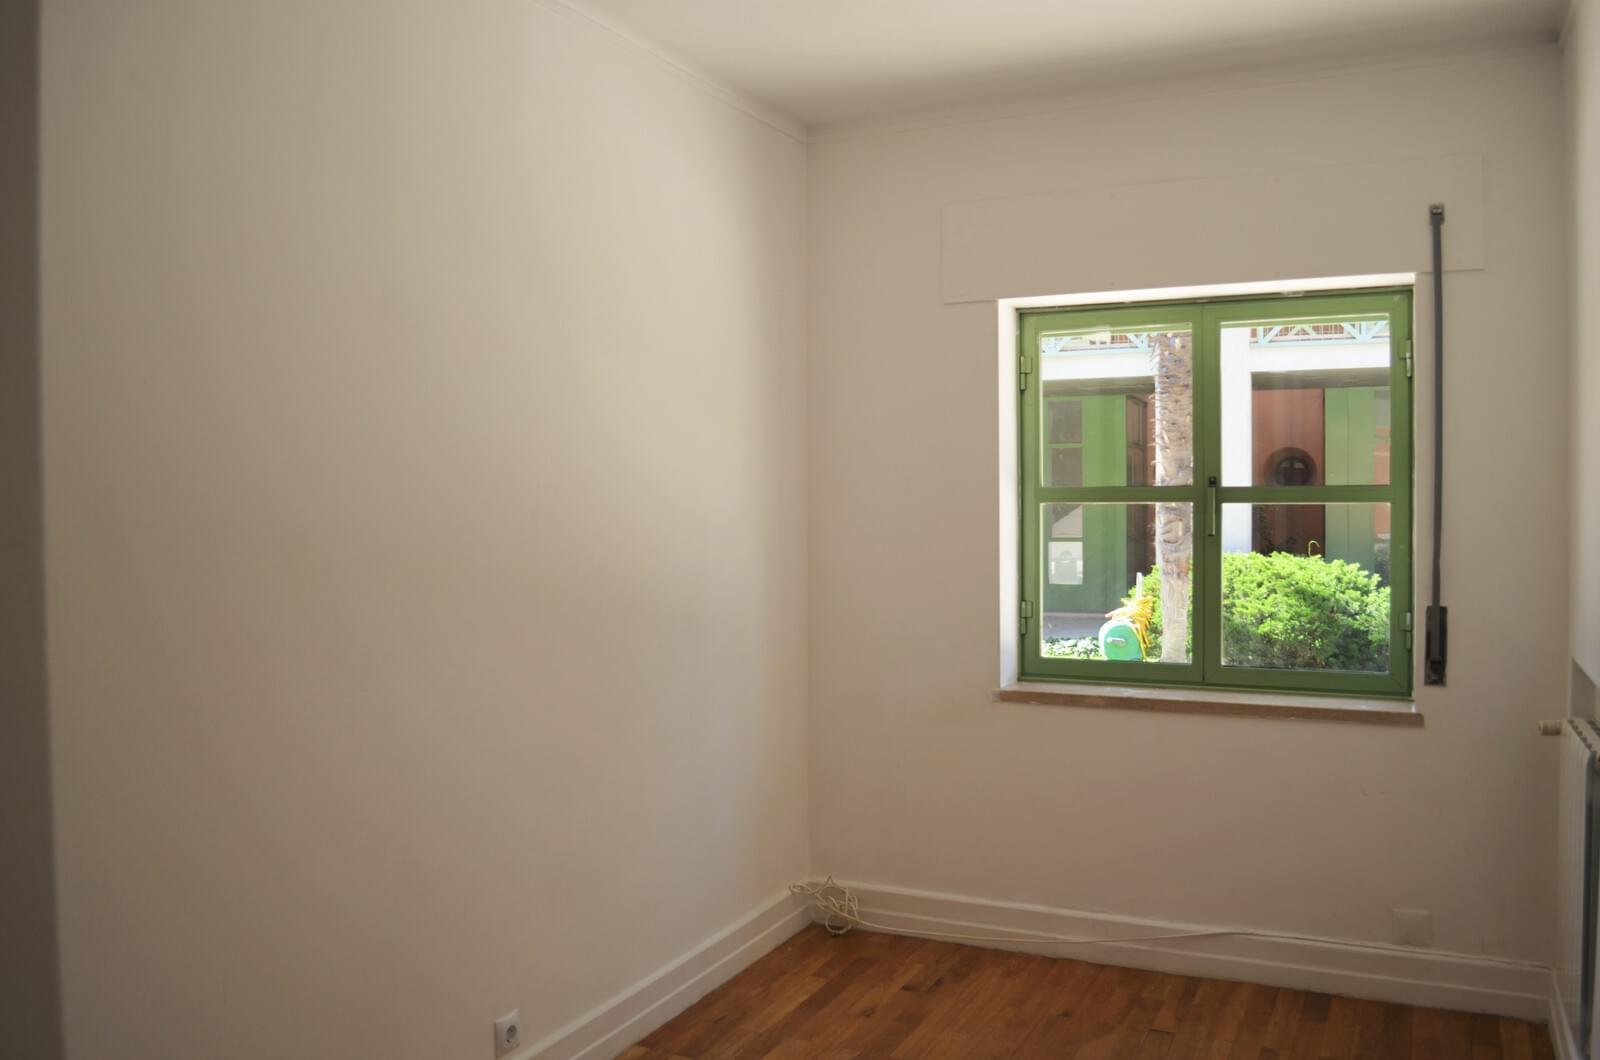 pf17565-apartamento-t3-lisboa-eb77cedc-3cb9-4f6c-9586-674e8bea06b0